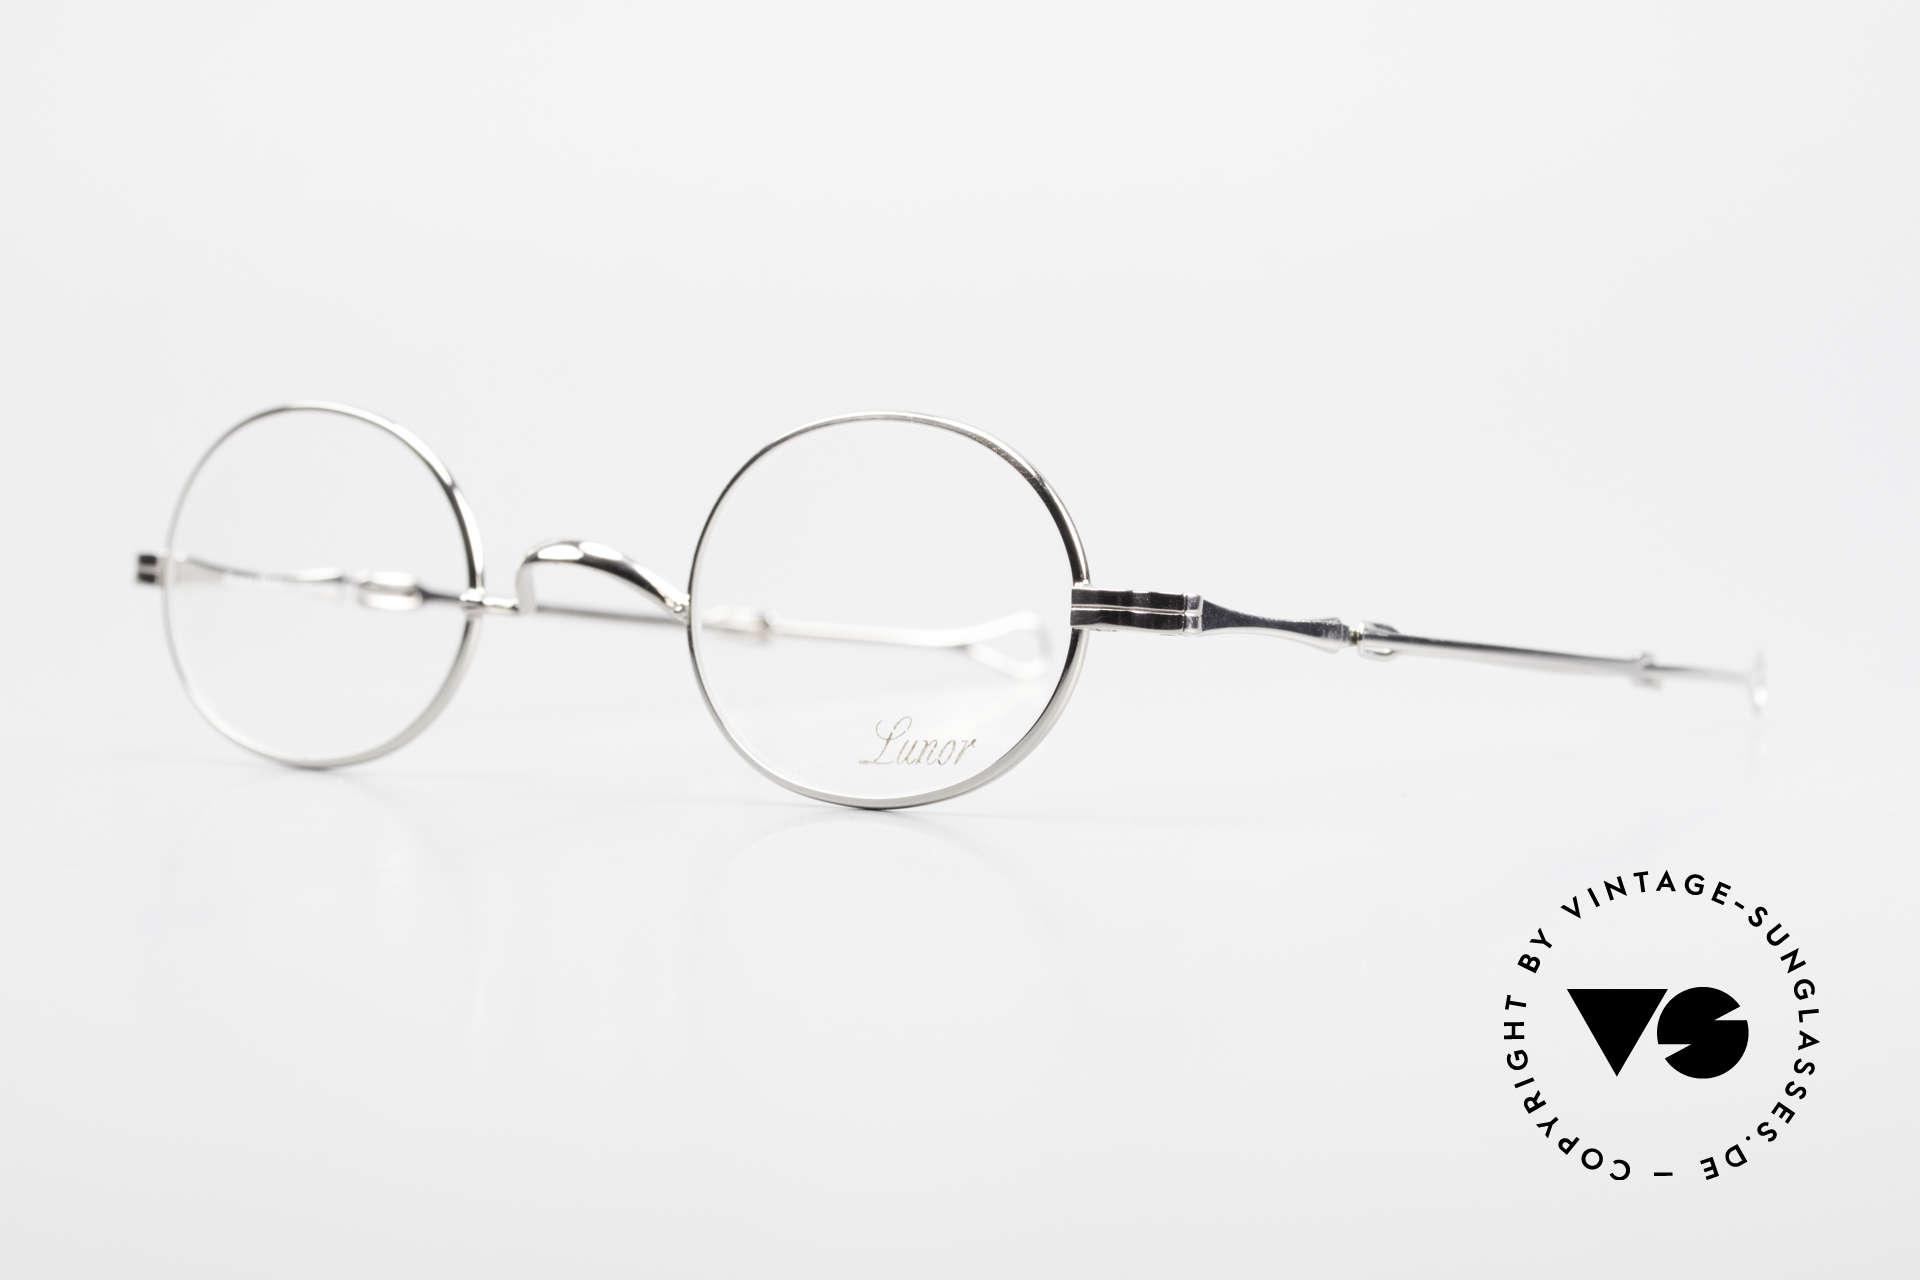 Lunor I 10 Telescopic Ovale Teleskop Brille Vintage, Brillendesign in Anlehnung an frühere Jahrhunderte, Passend für Herren und Damen